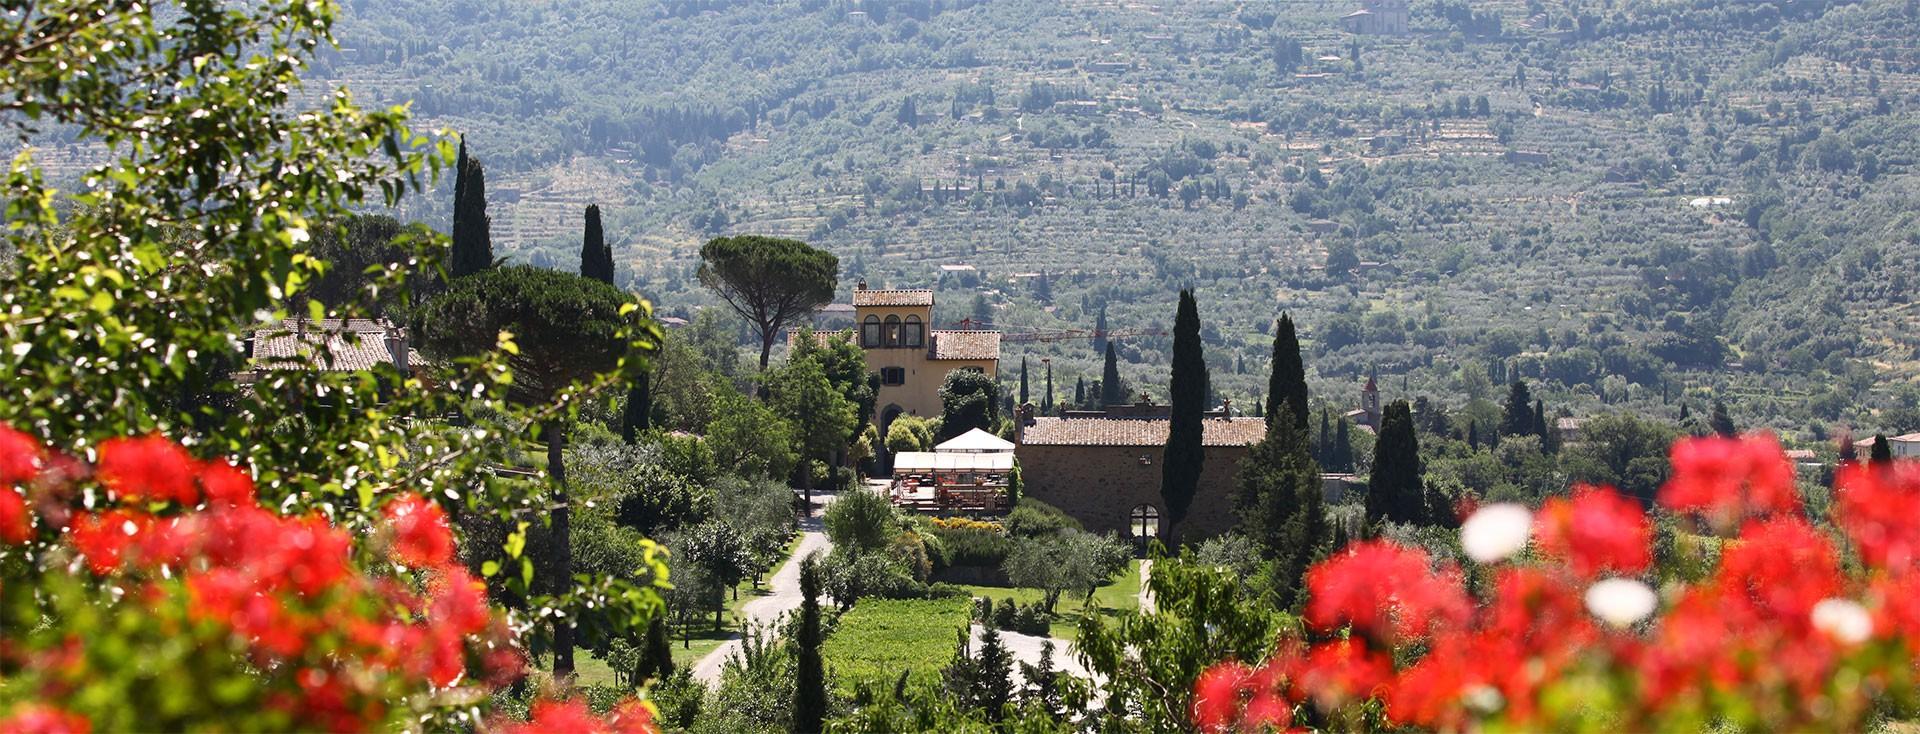 Relais Il Falconiere & Spa